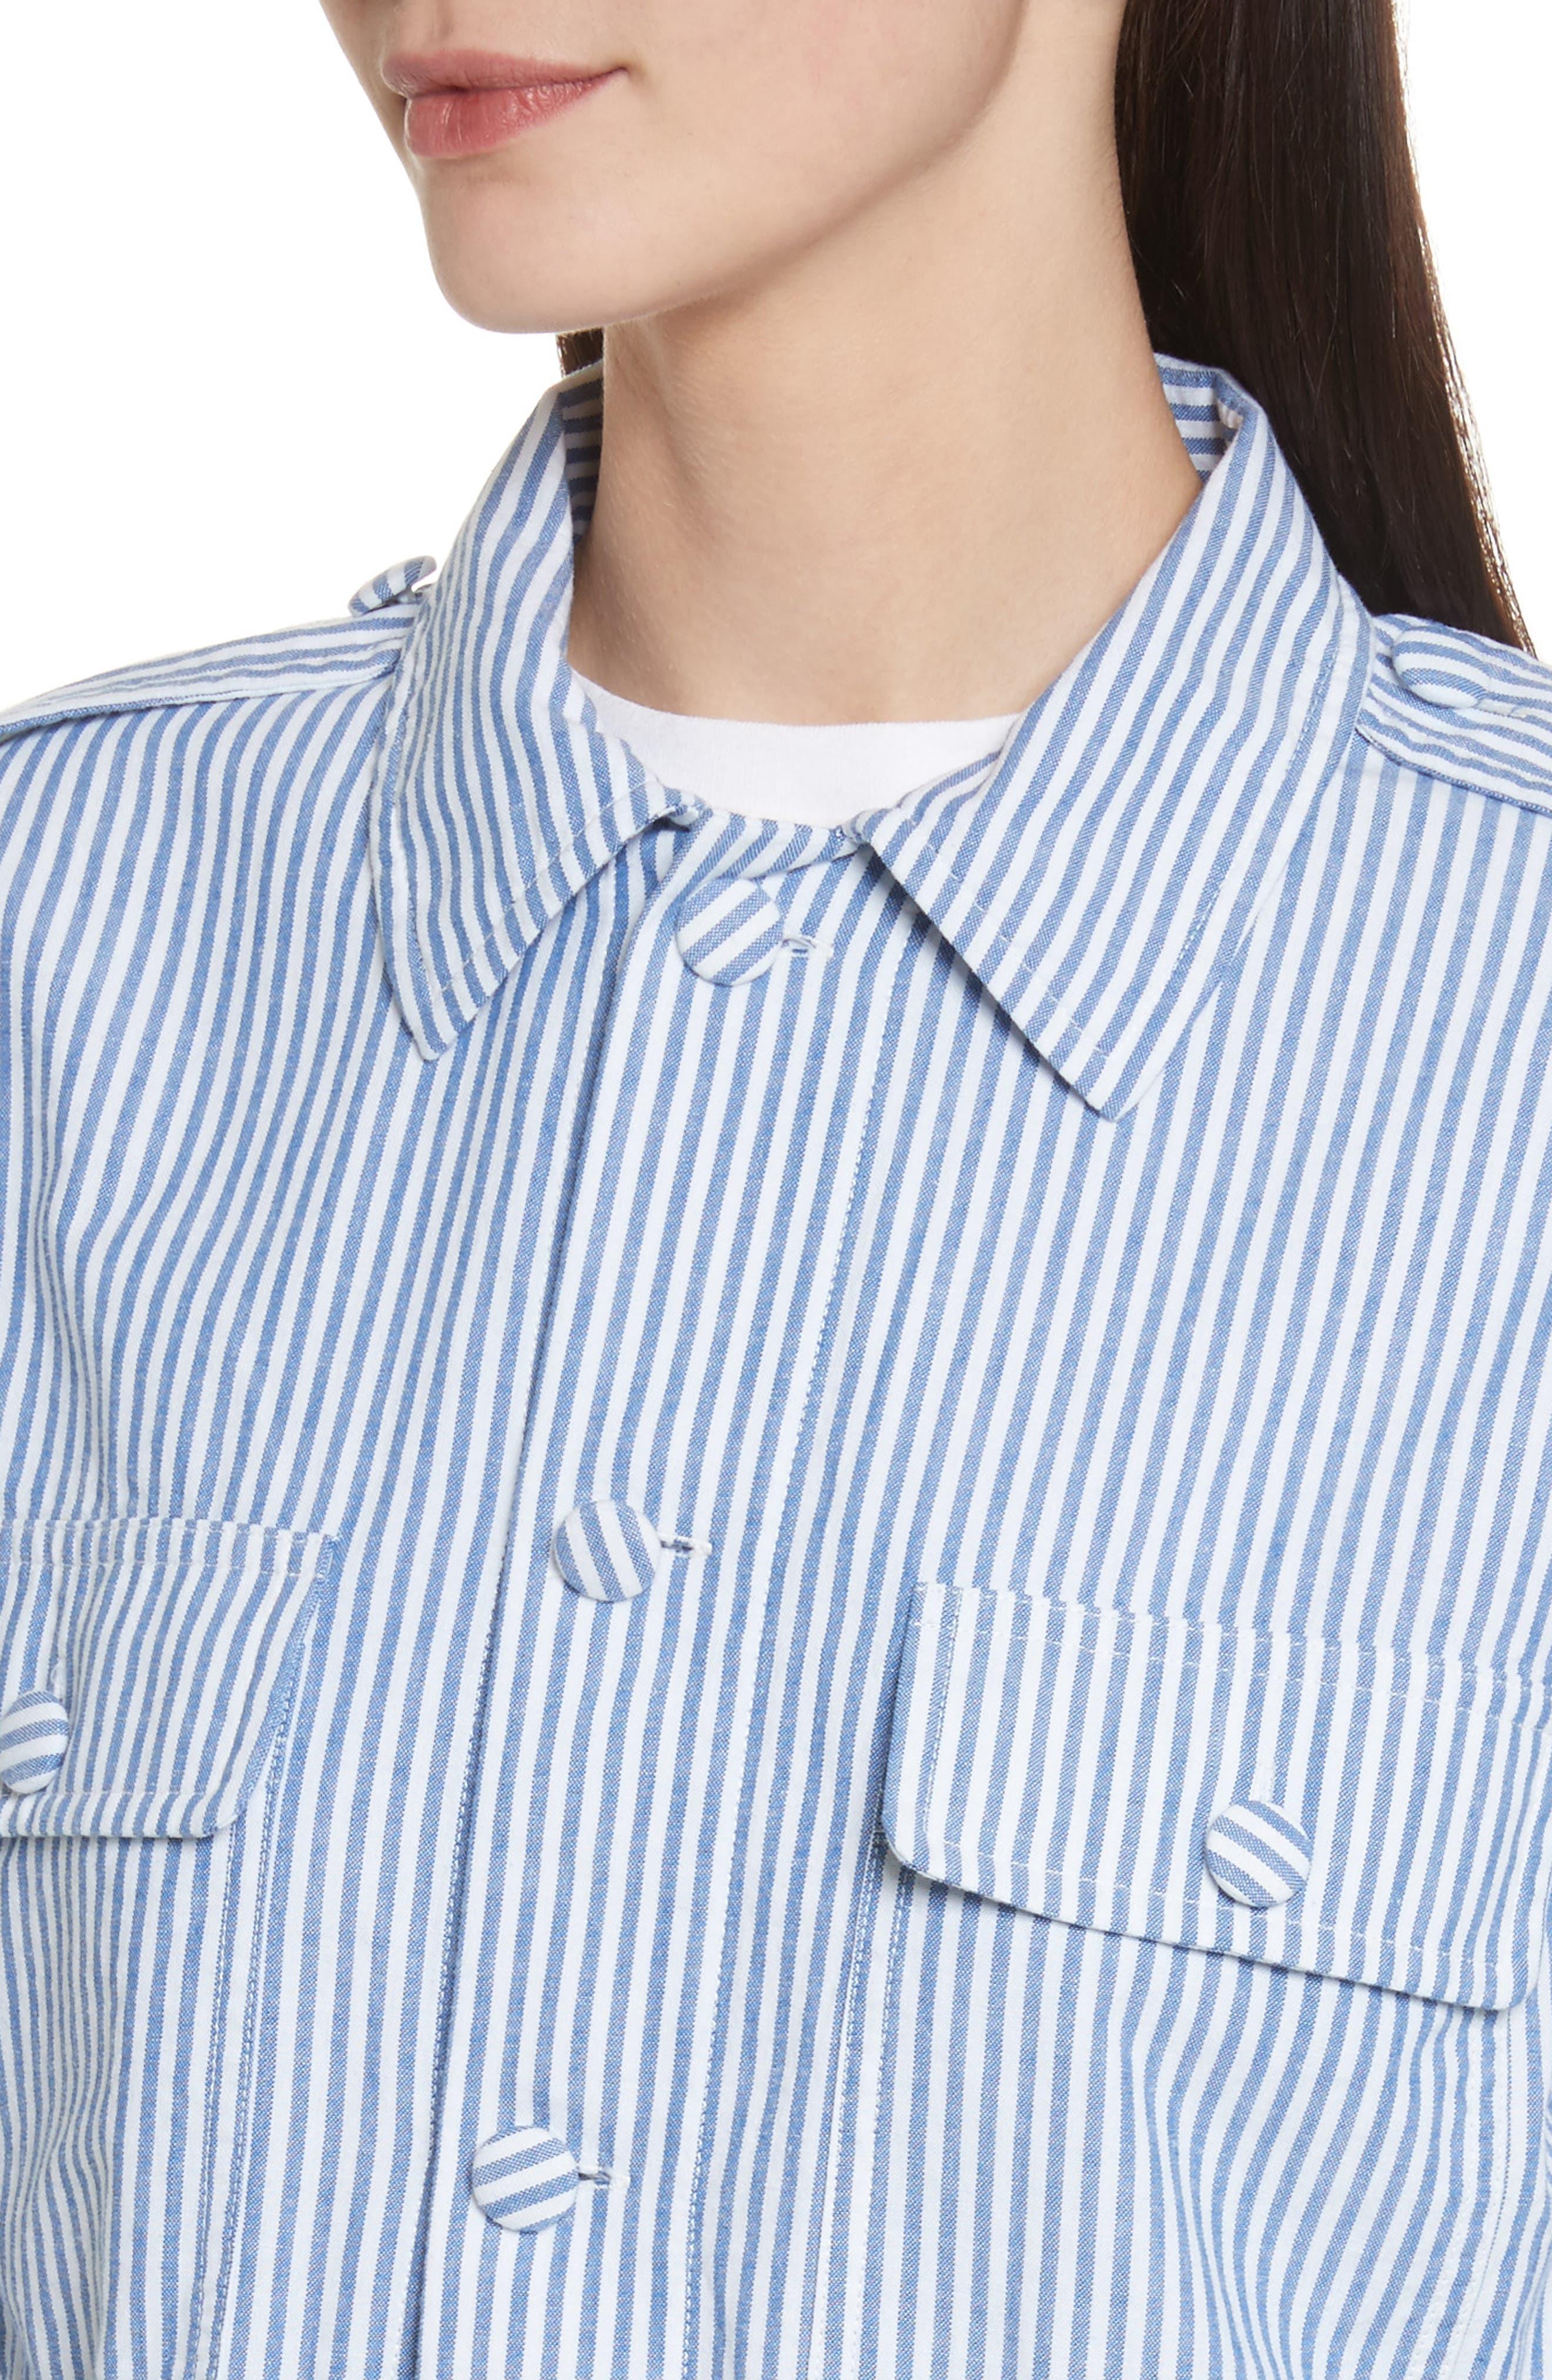 Stripe Bubble Hem Jacket,                             Alternate thumbnail 4, color,                             400